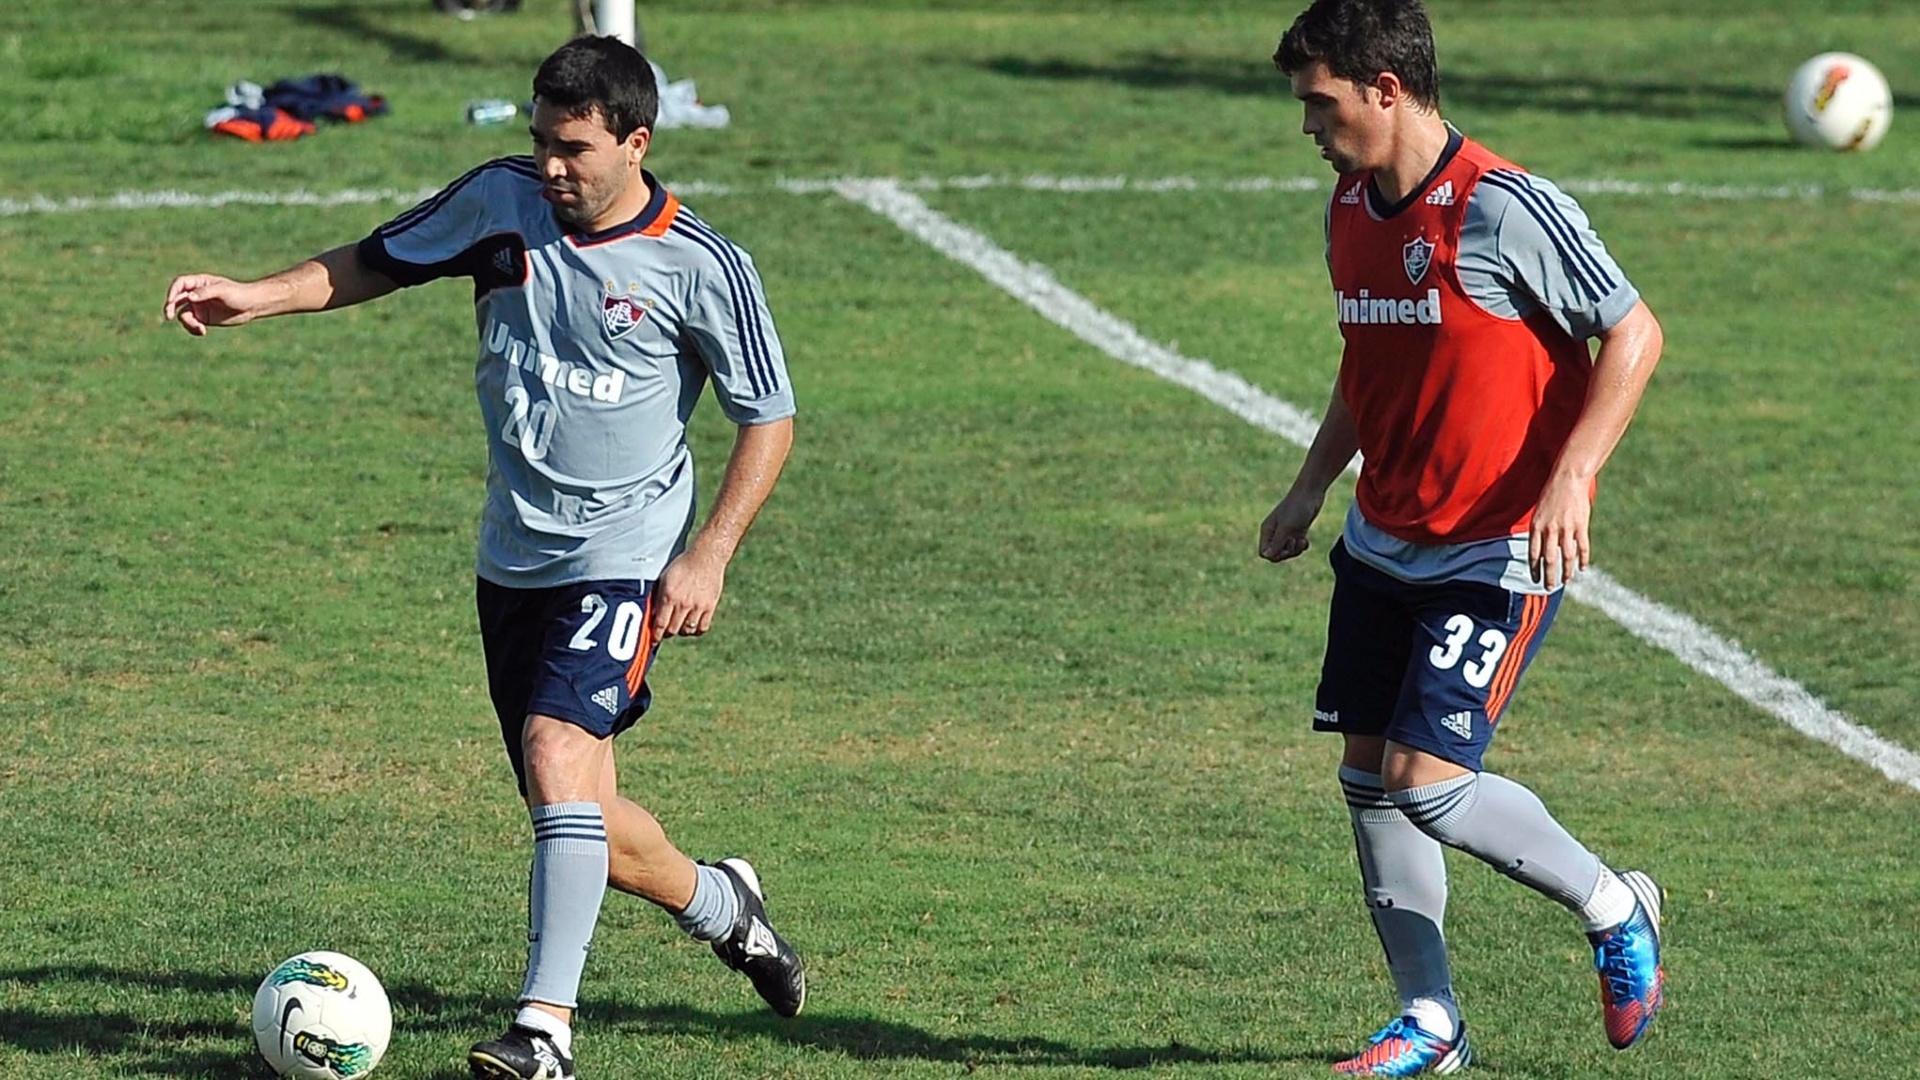 Deco domina bola sob marcação de Fábio Braga em treino do Fluminense